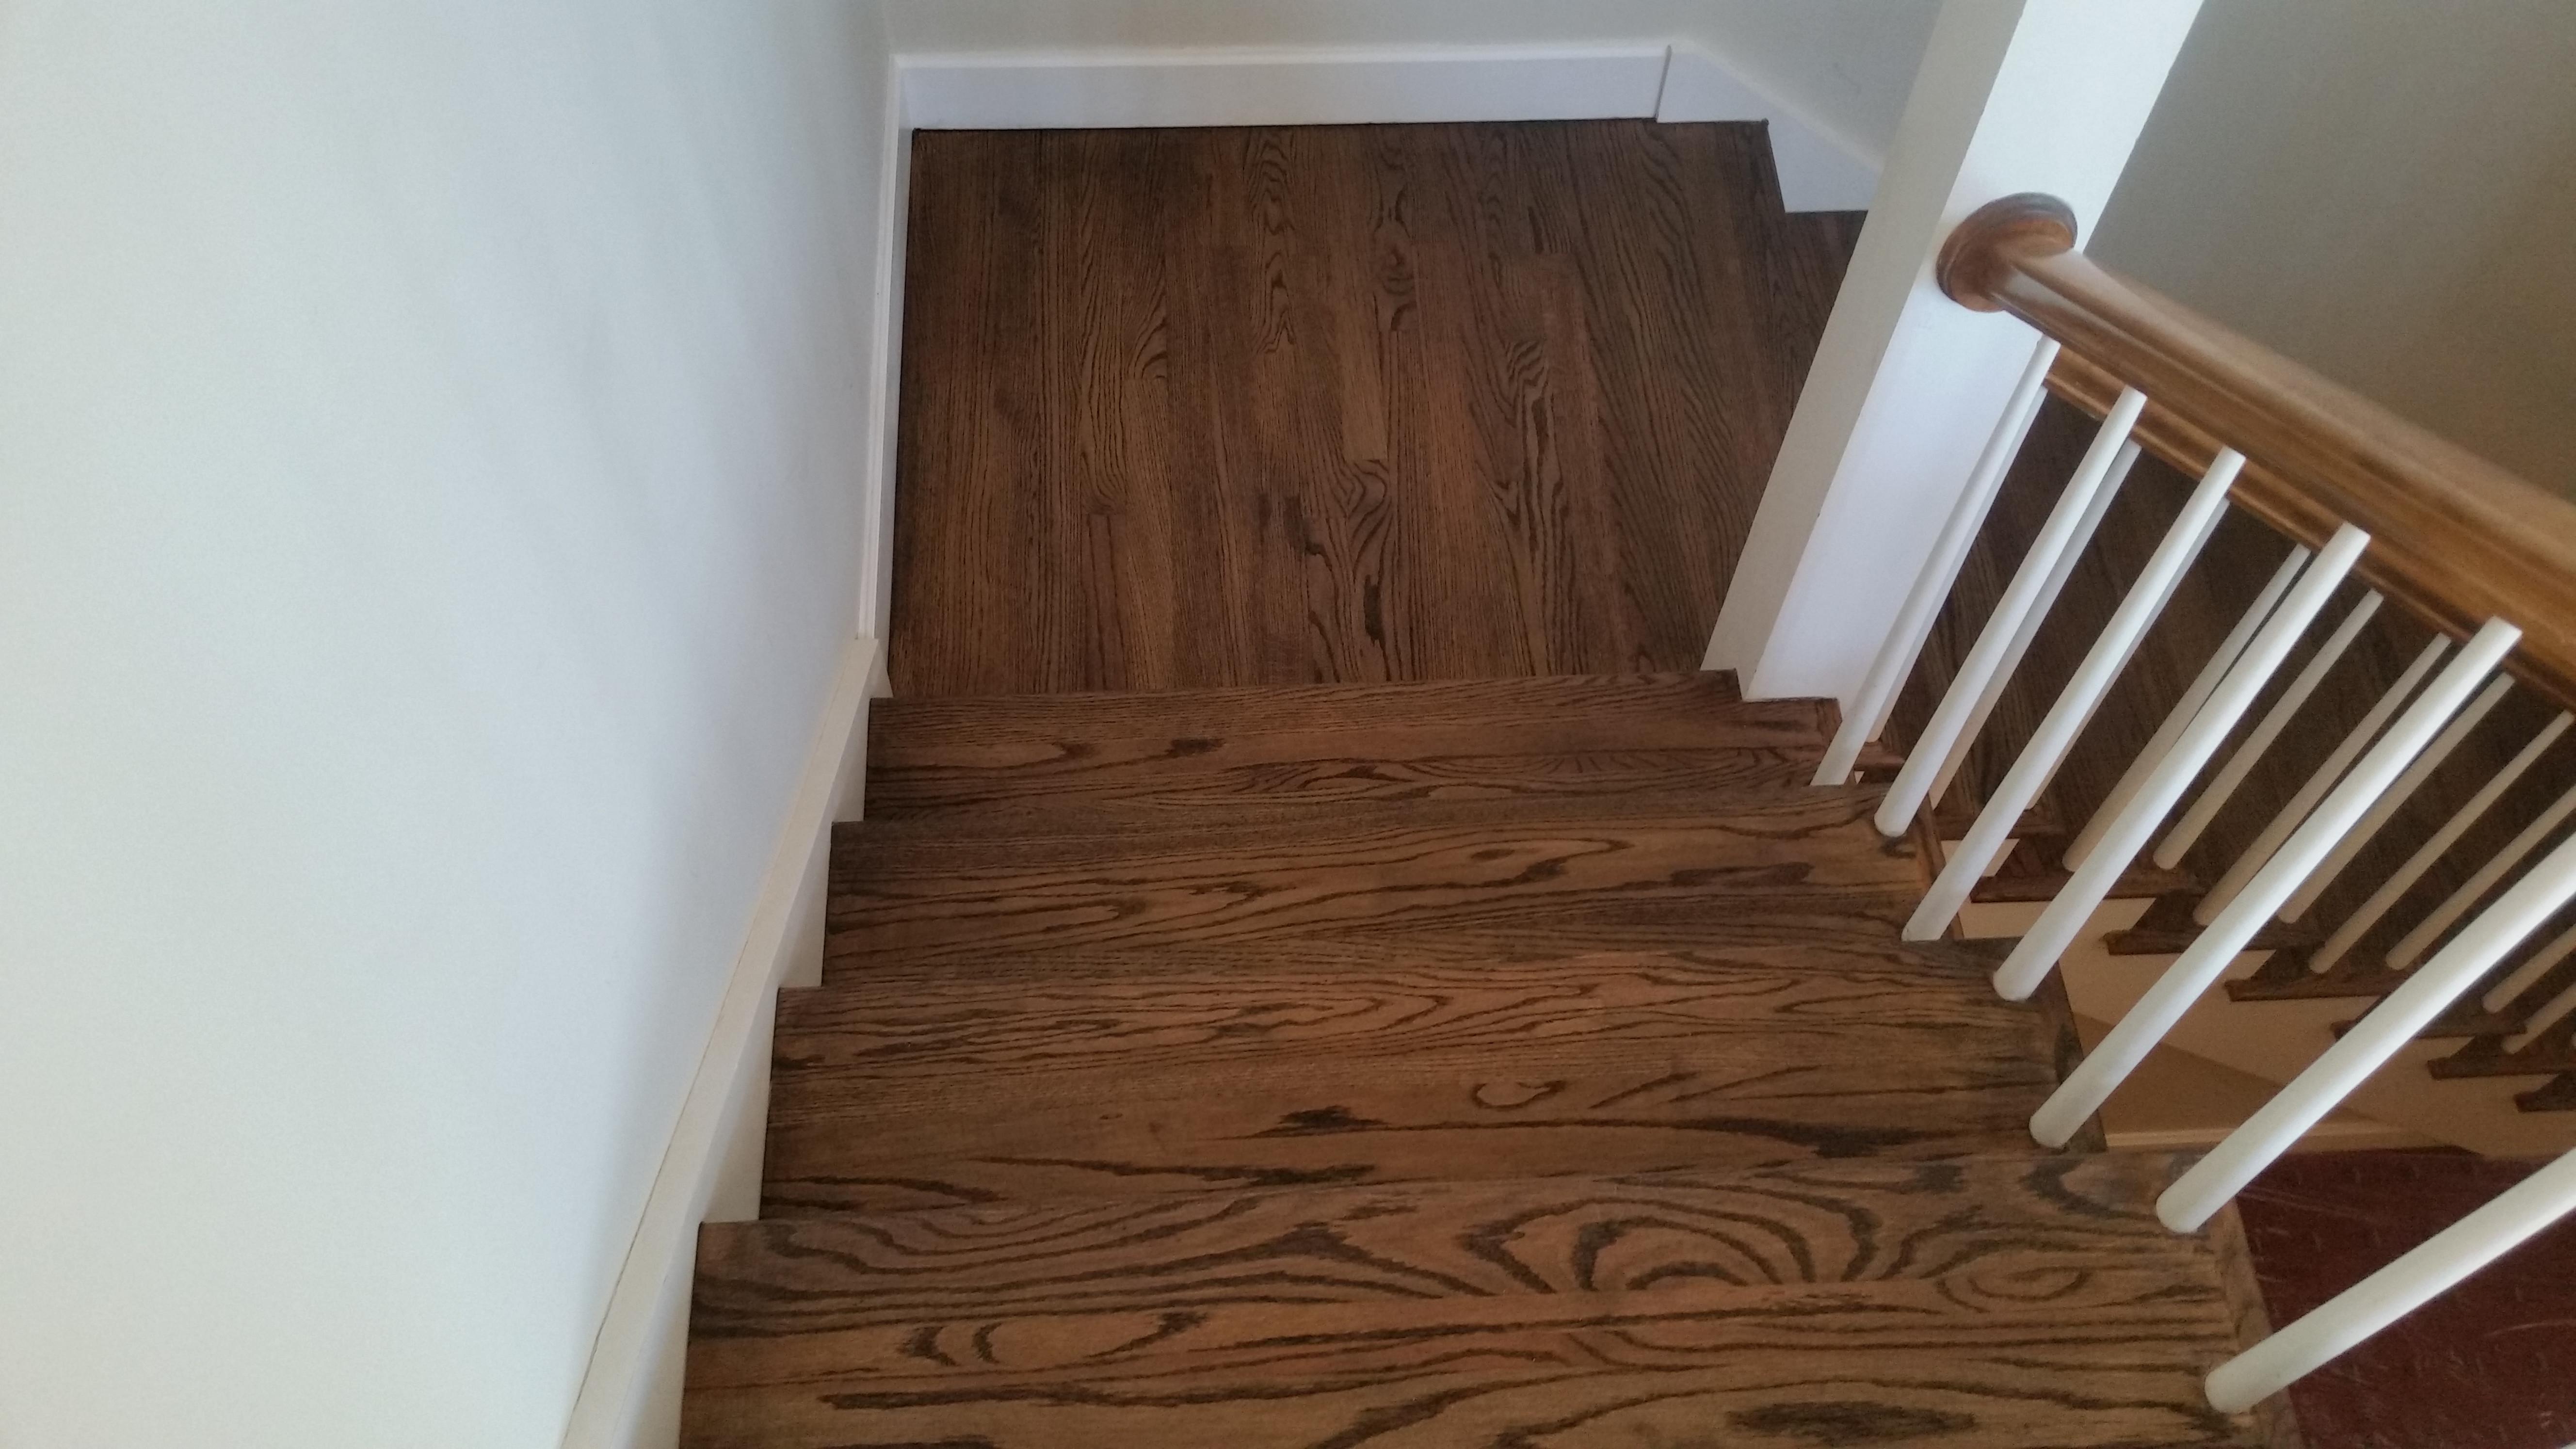 hardwood flooring business for sale of rochester hardwood floors of utica home in 20160520 161308resize